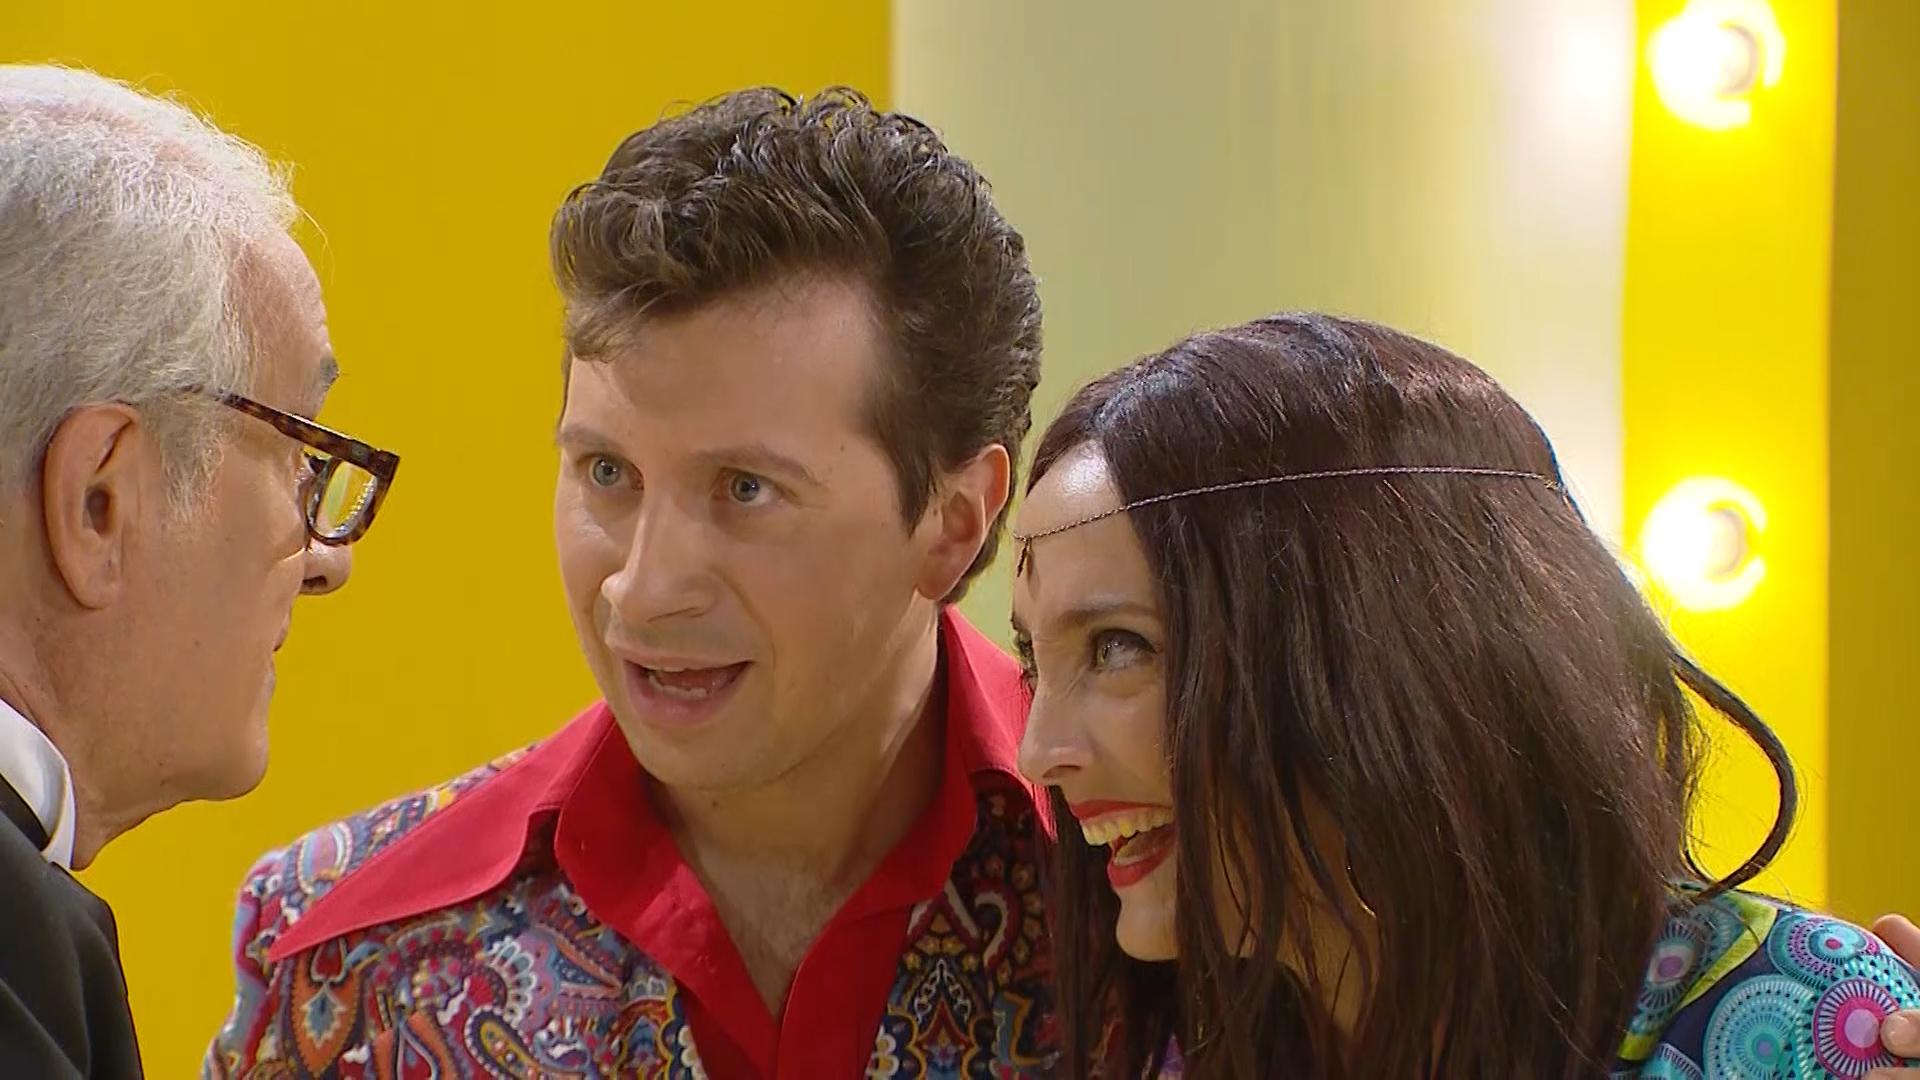 El show de Nancy y Jimmy